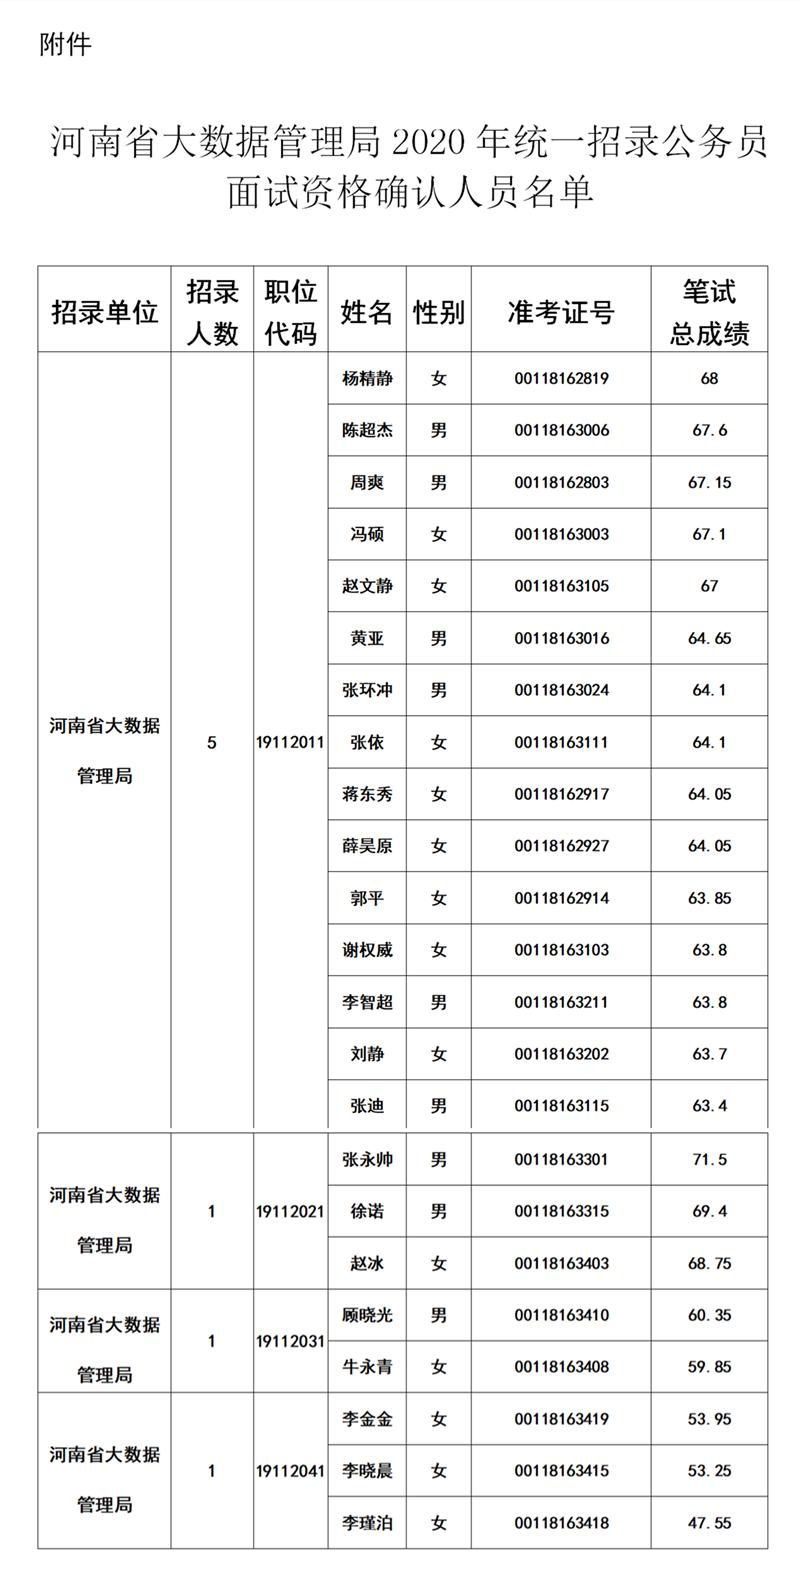 河南省大数据管理局2020年统一招录公务员面试资格确认公告